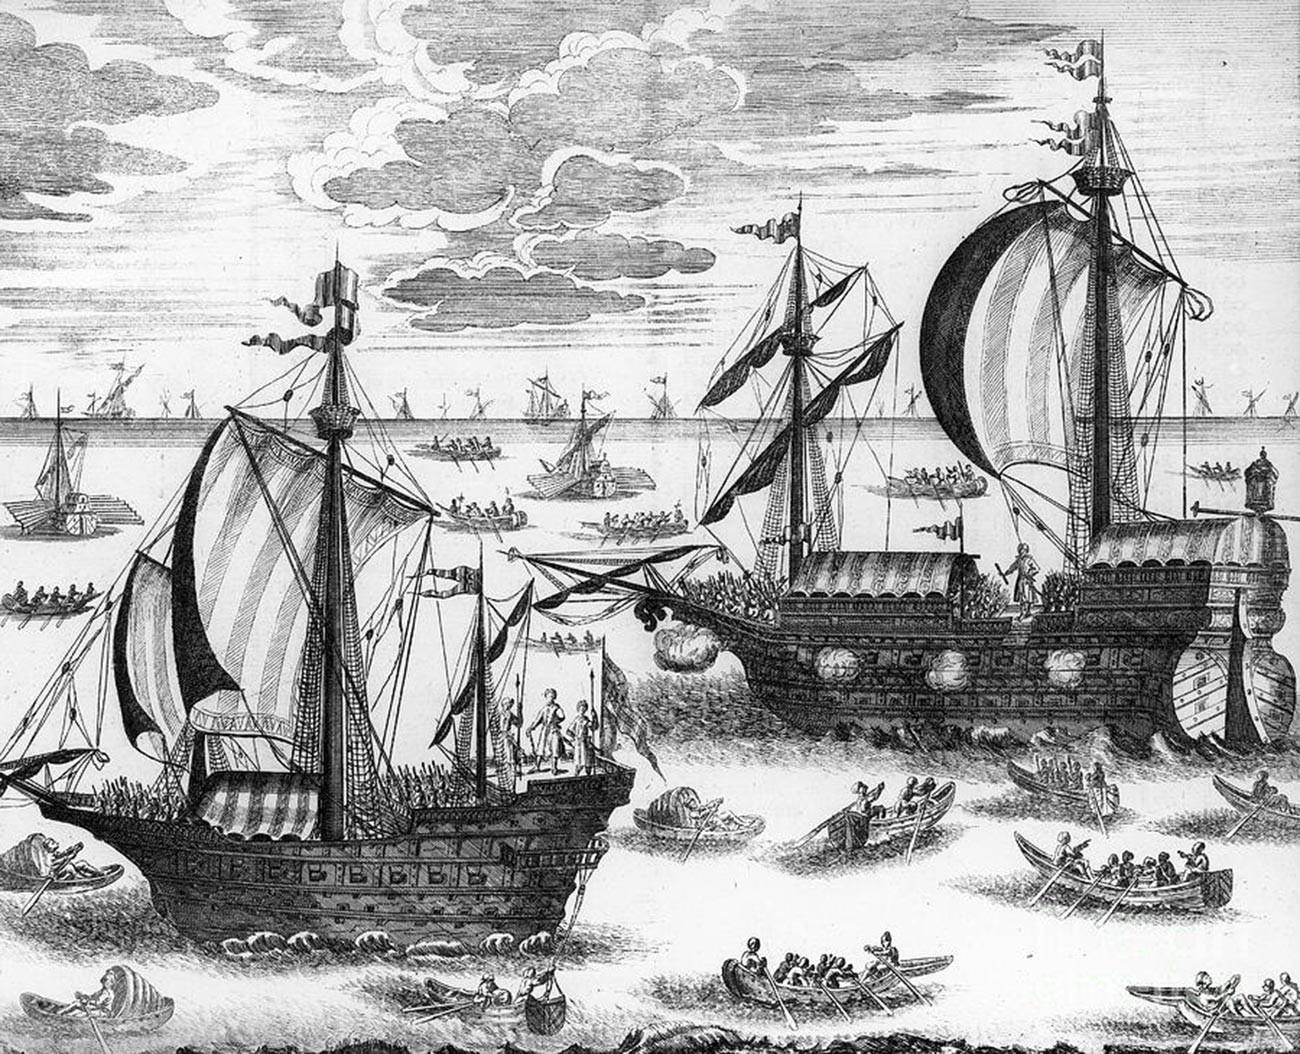 La flotta russa d'Azov